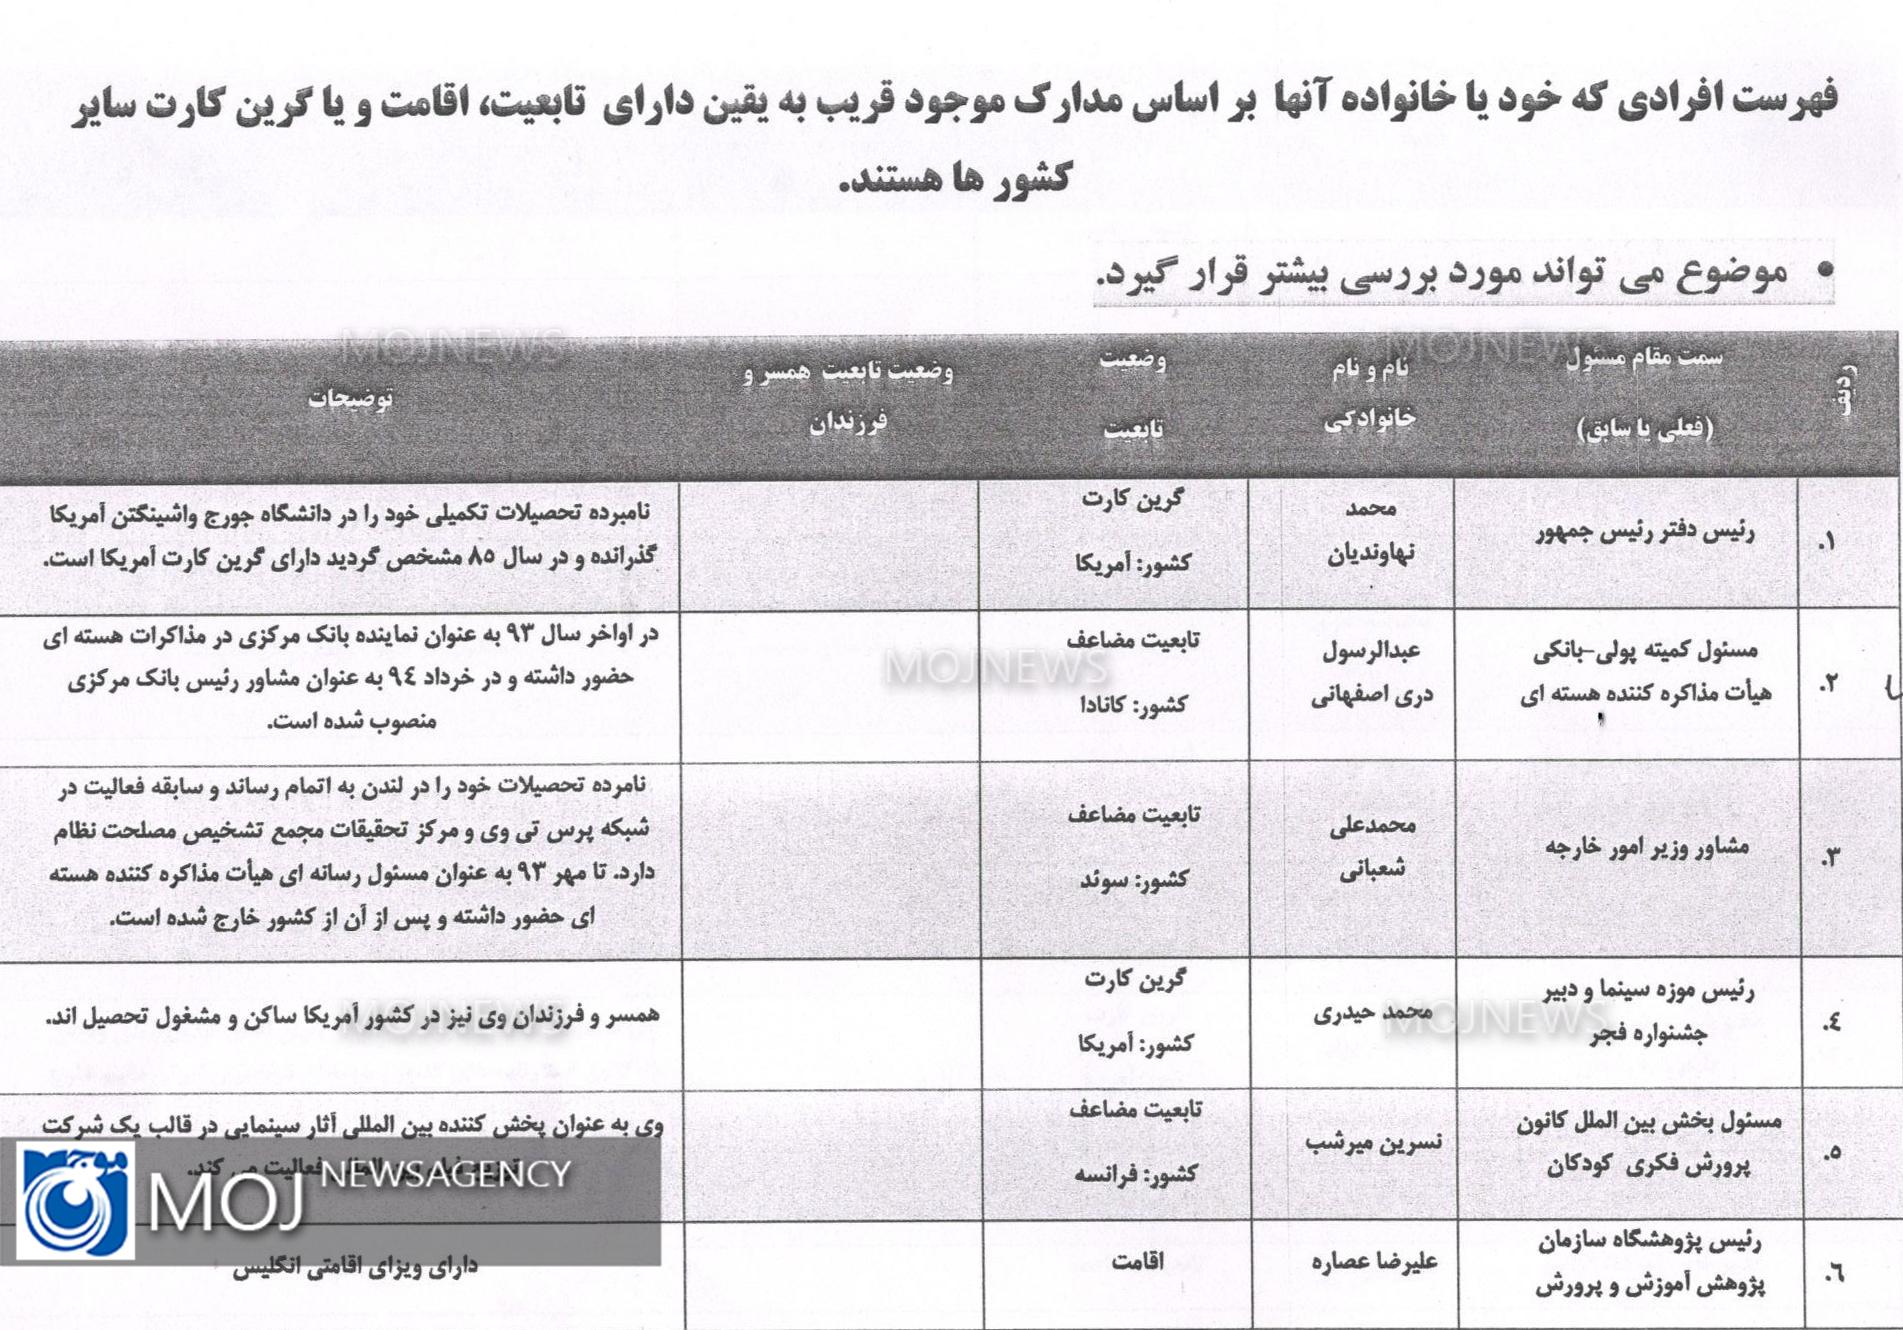 لیست افراد دو تابعیتی بر اساس ظن قوی 1